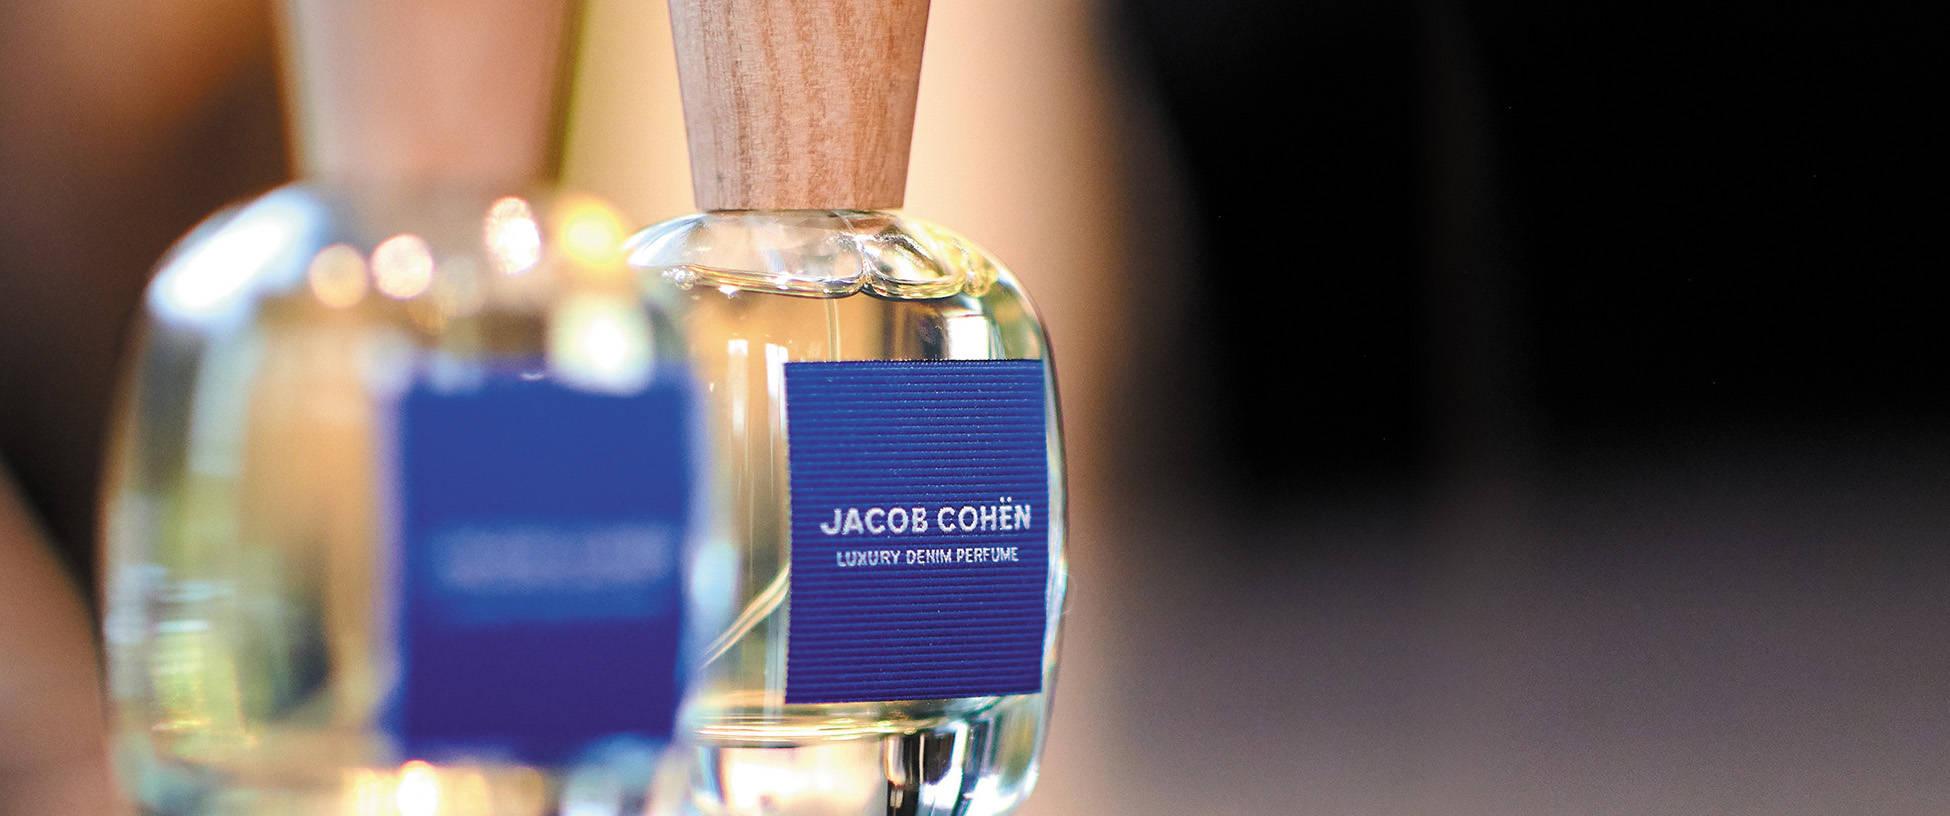 Jacob Cohen collection